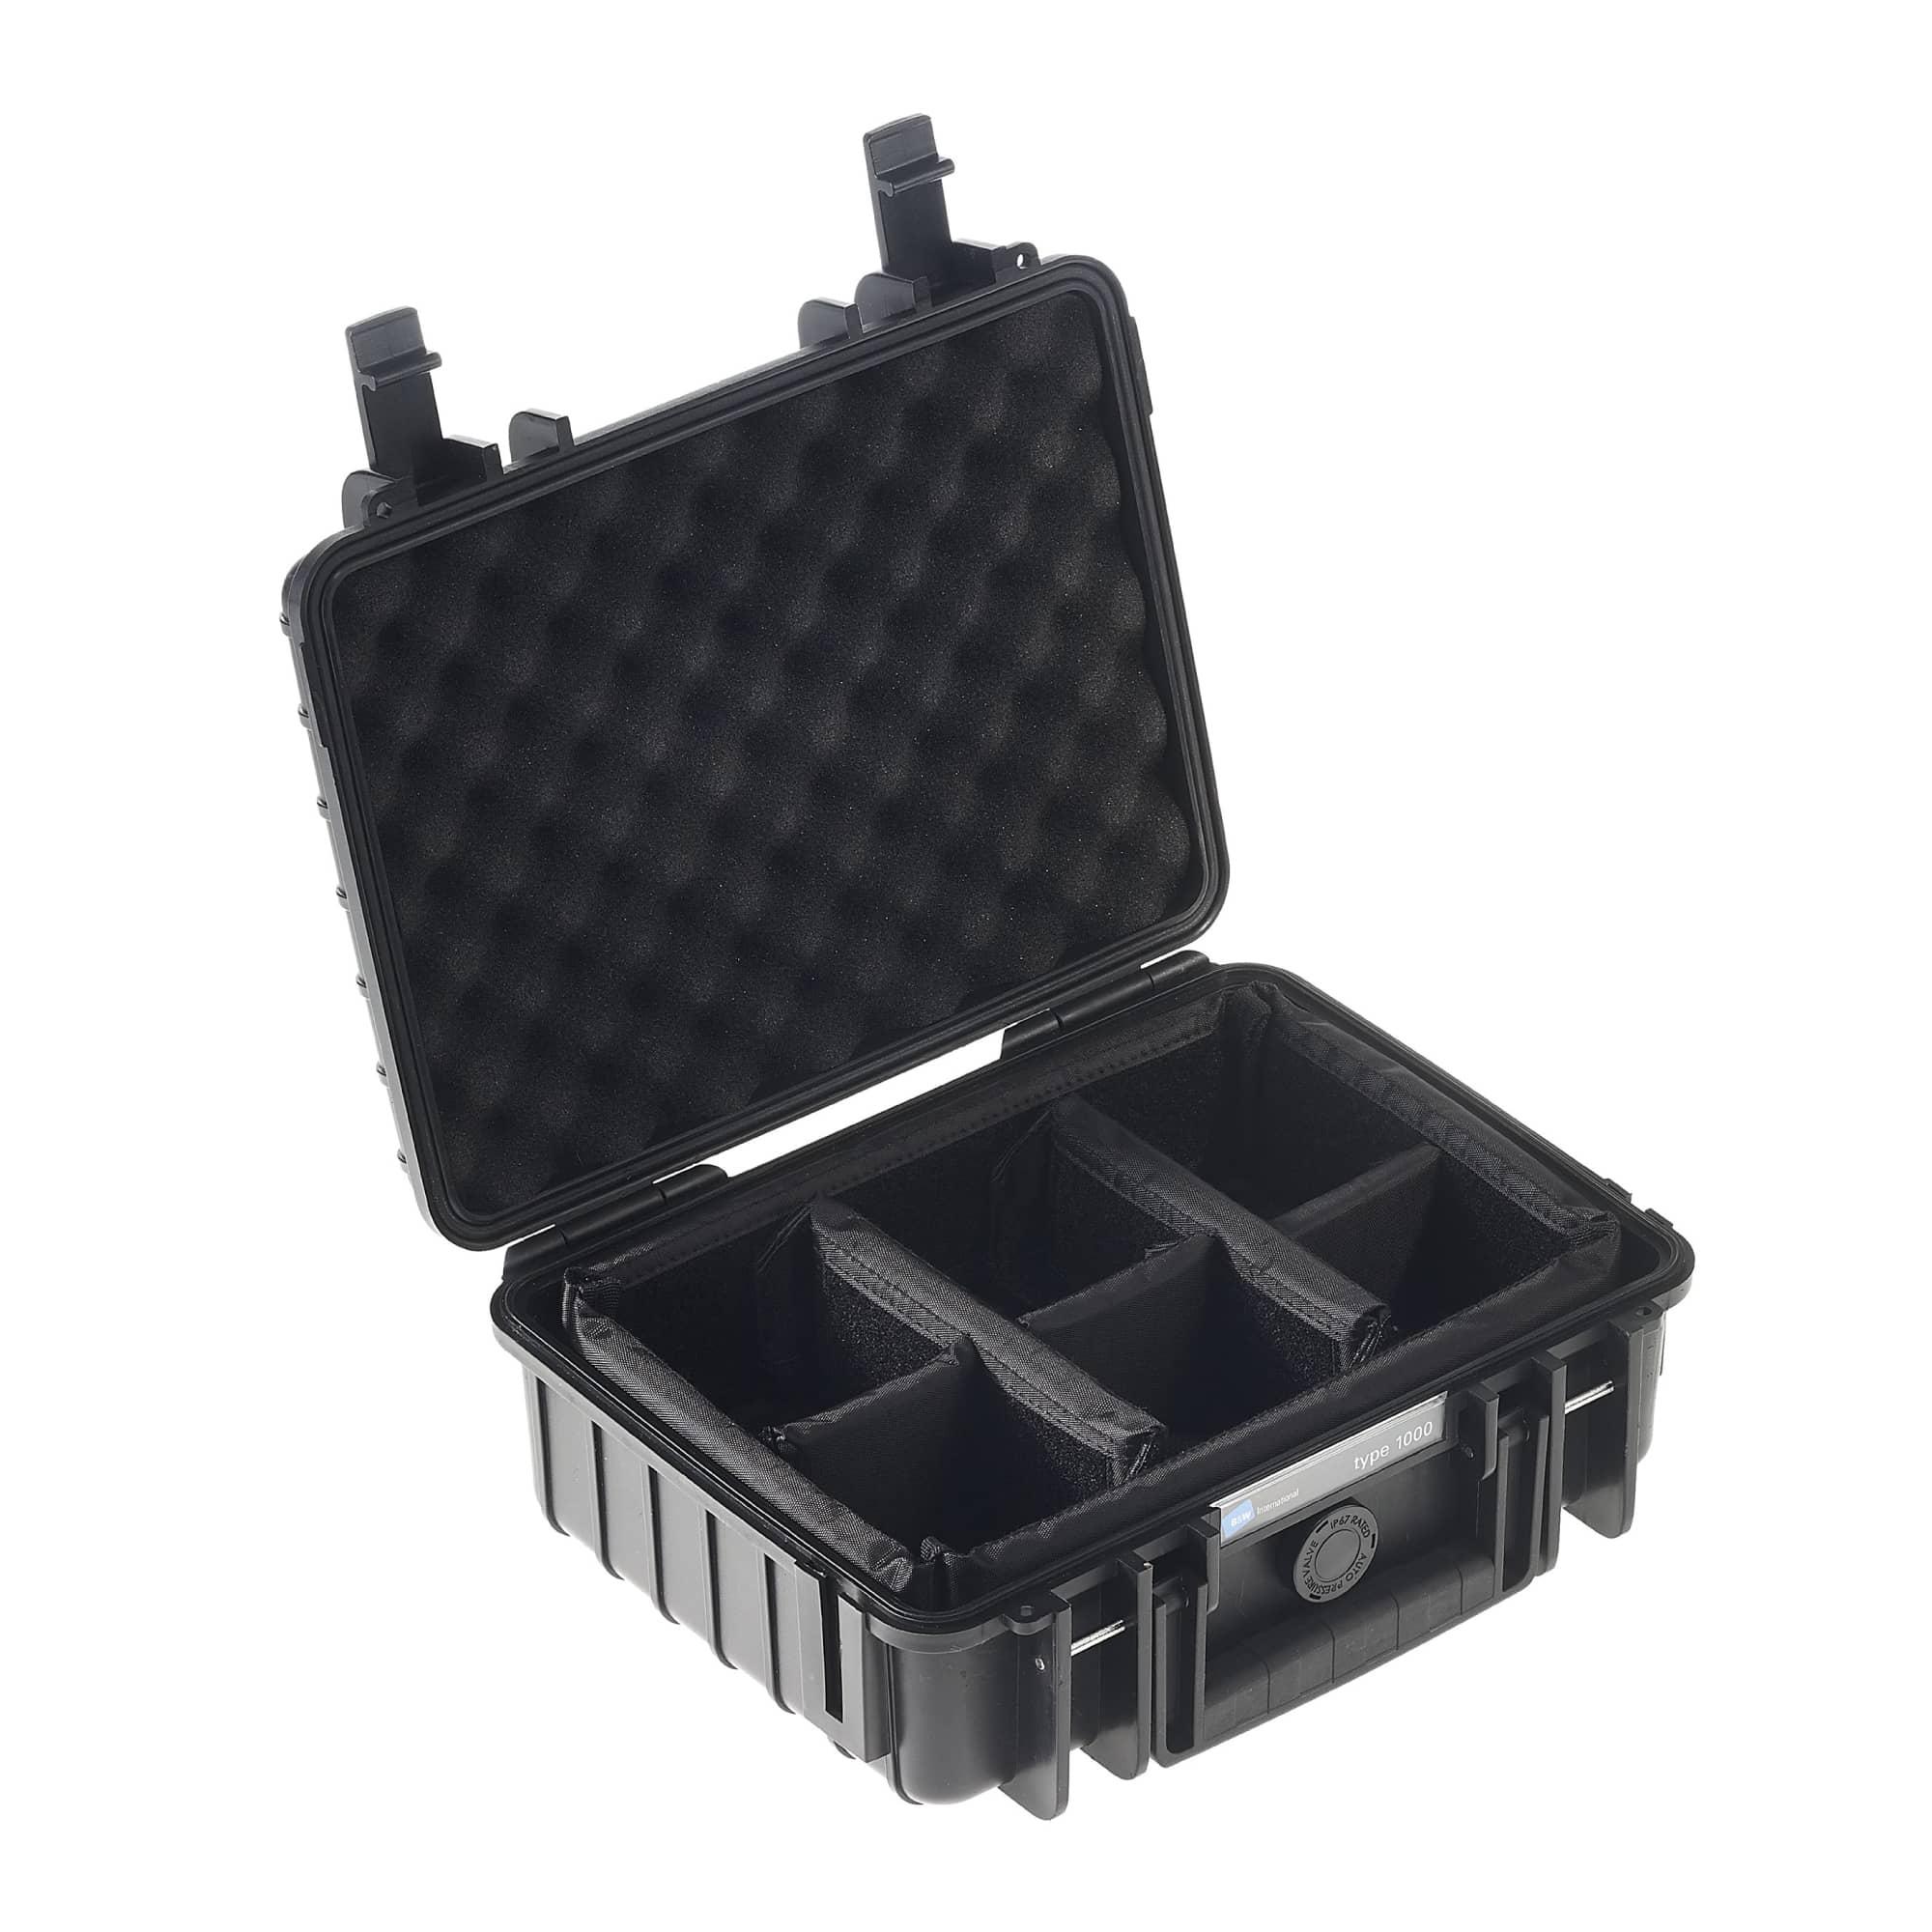 B&W Outdoor Case Typ 1000 schwarz mit variabler Facheinteilung (RPD)